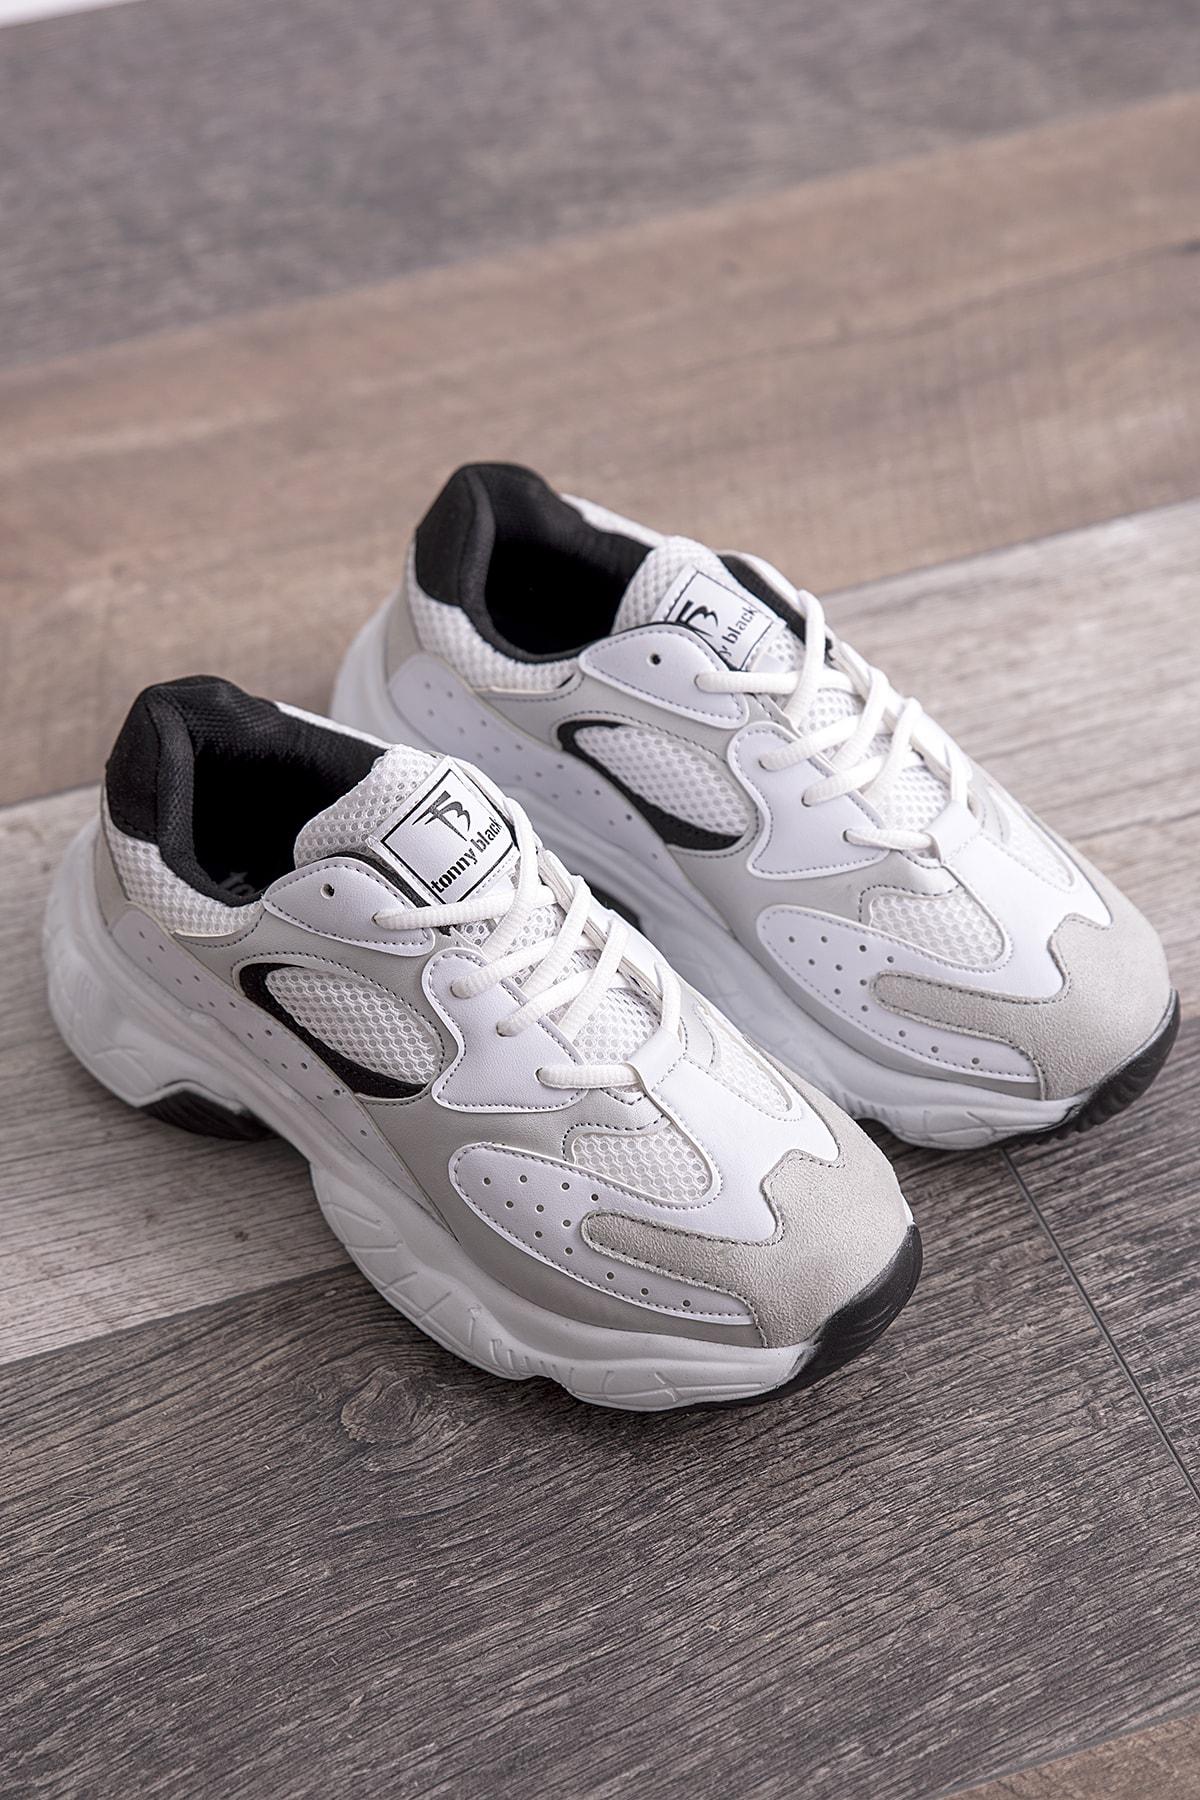 Tonny Black Beyaz Gri Kadın Spor Ayakkabı Beyaz Gri Tb284 1